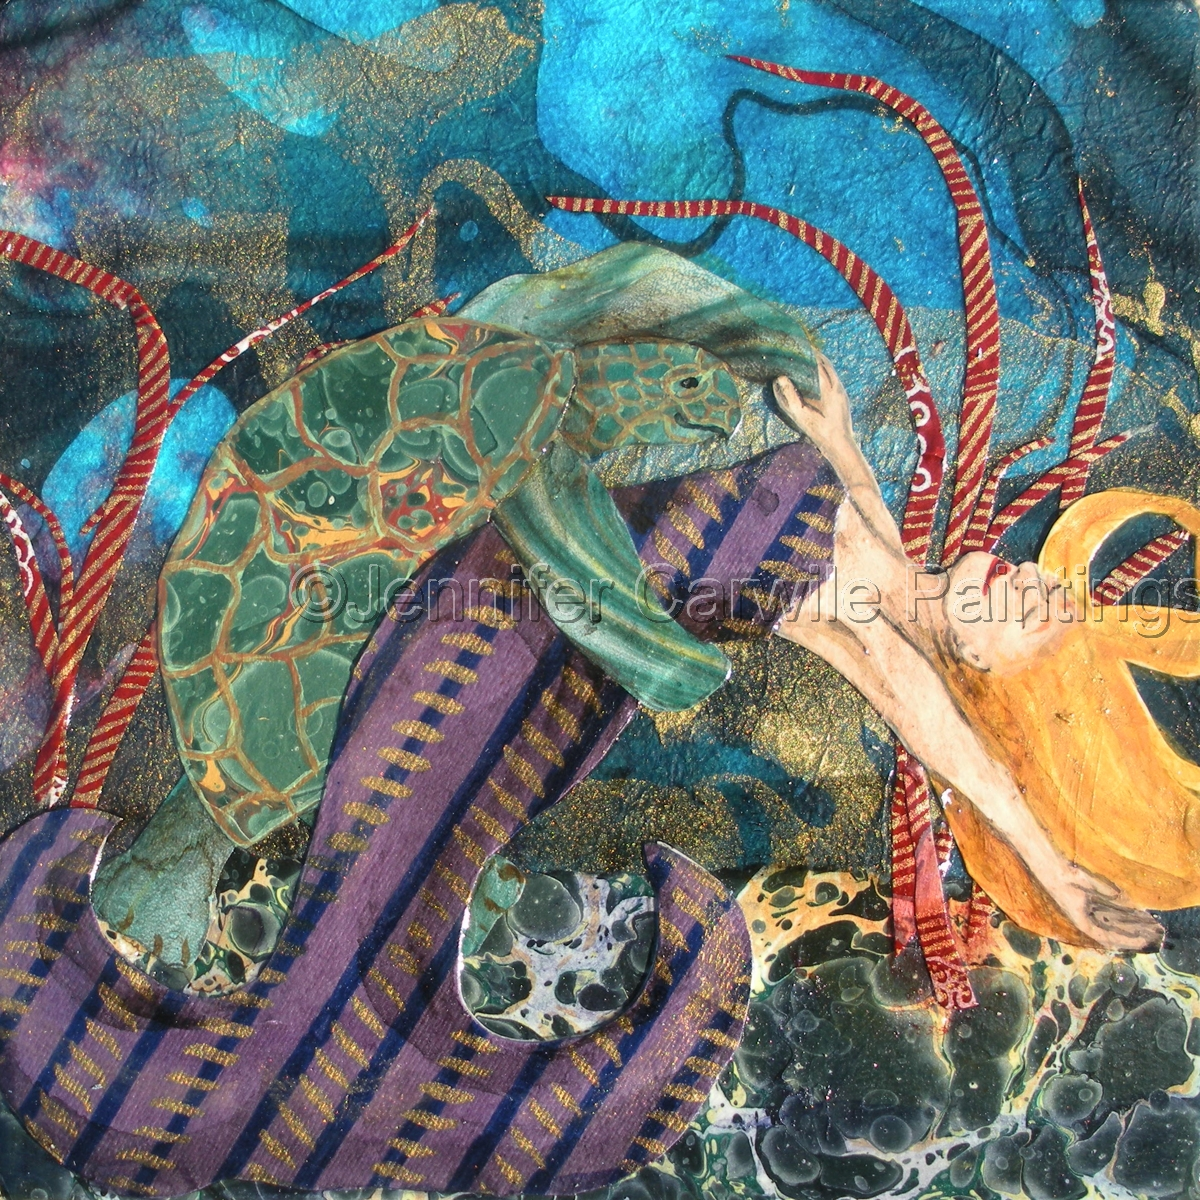 Sea Turtle Tango (large view)